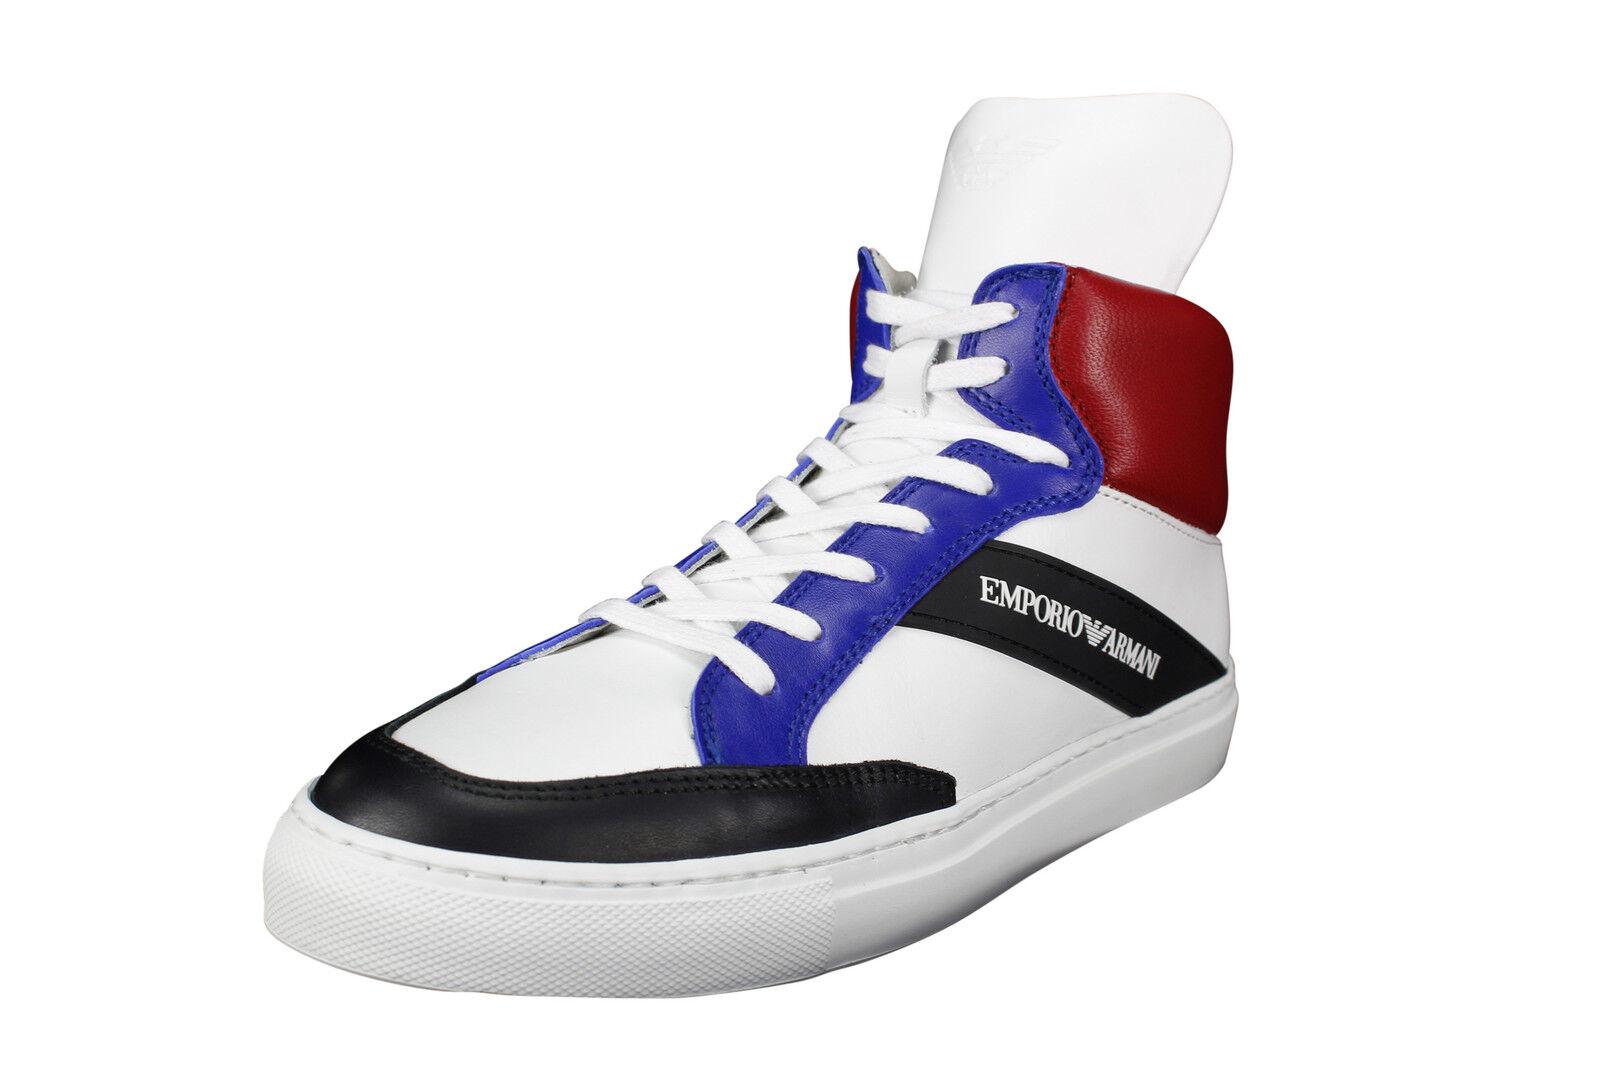 Emporio Armani Mens Sneakers X4Z026